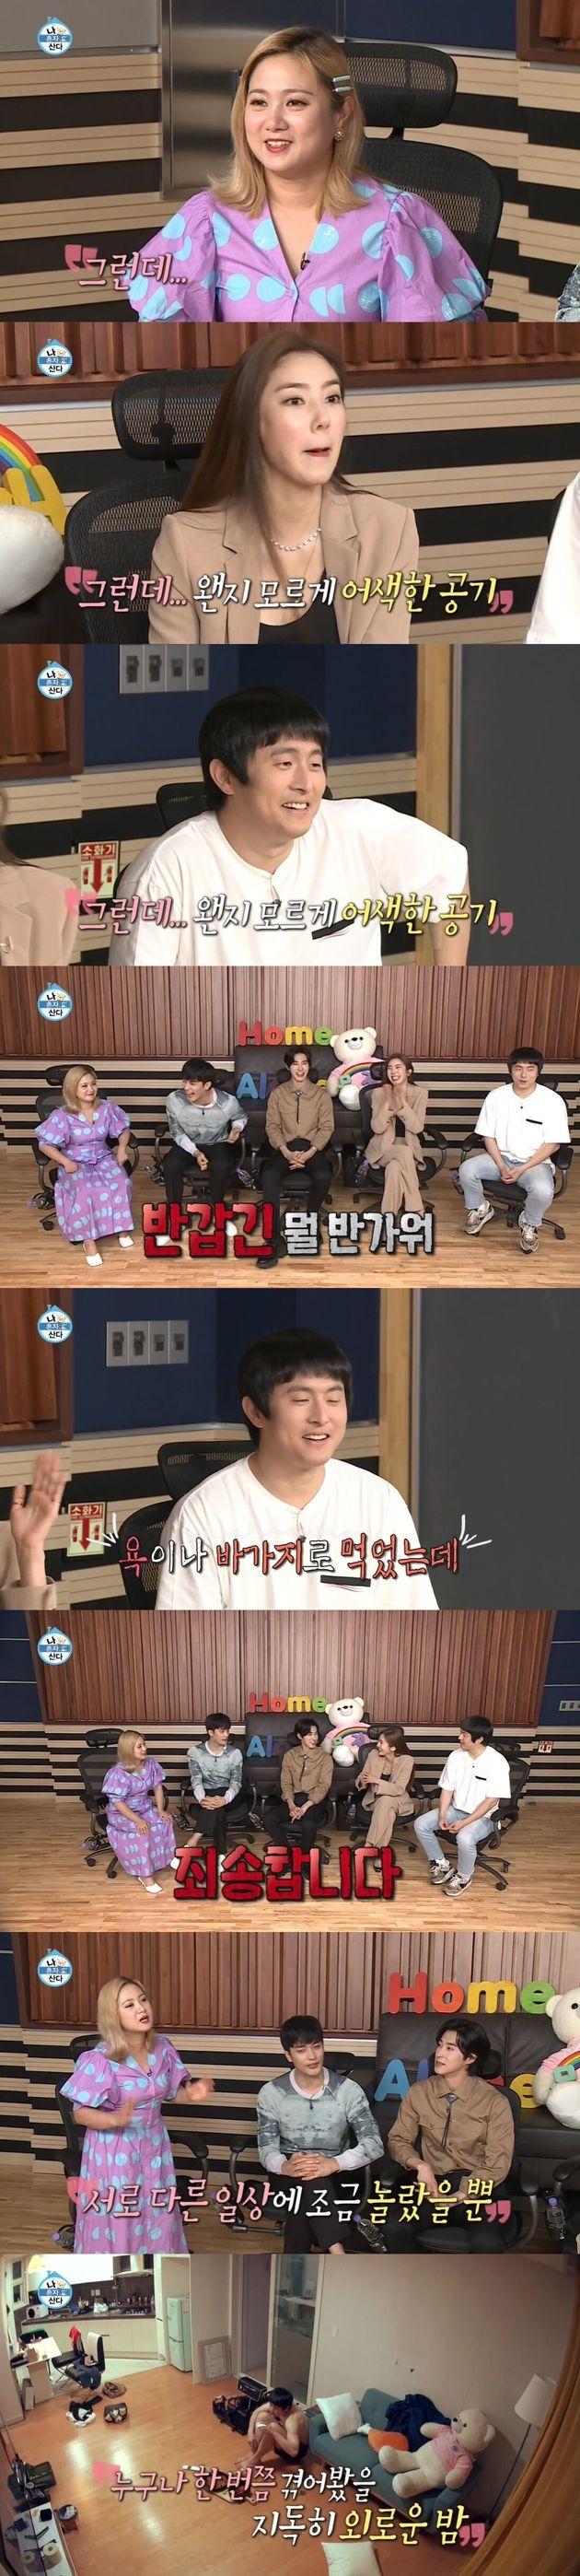 MBC '나 혼자 산다'의 기안84 기 살려주기용 오프닝. 시청자들에게는 너무나 익숙한